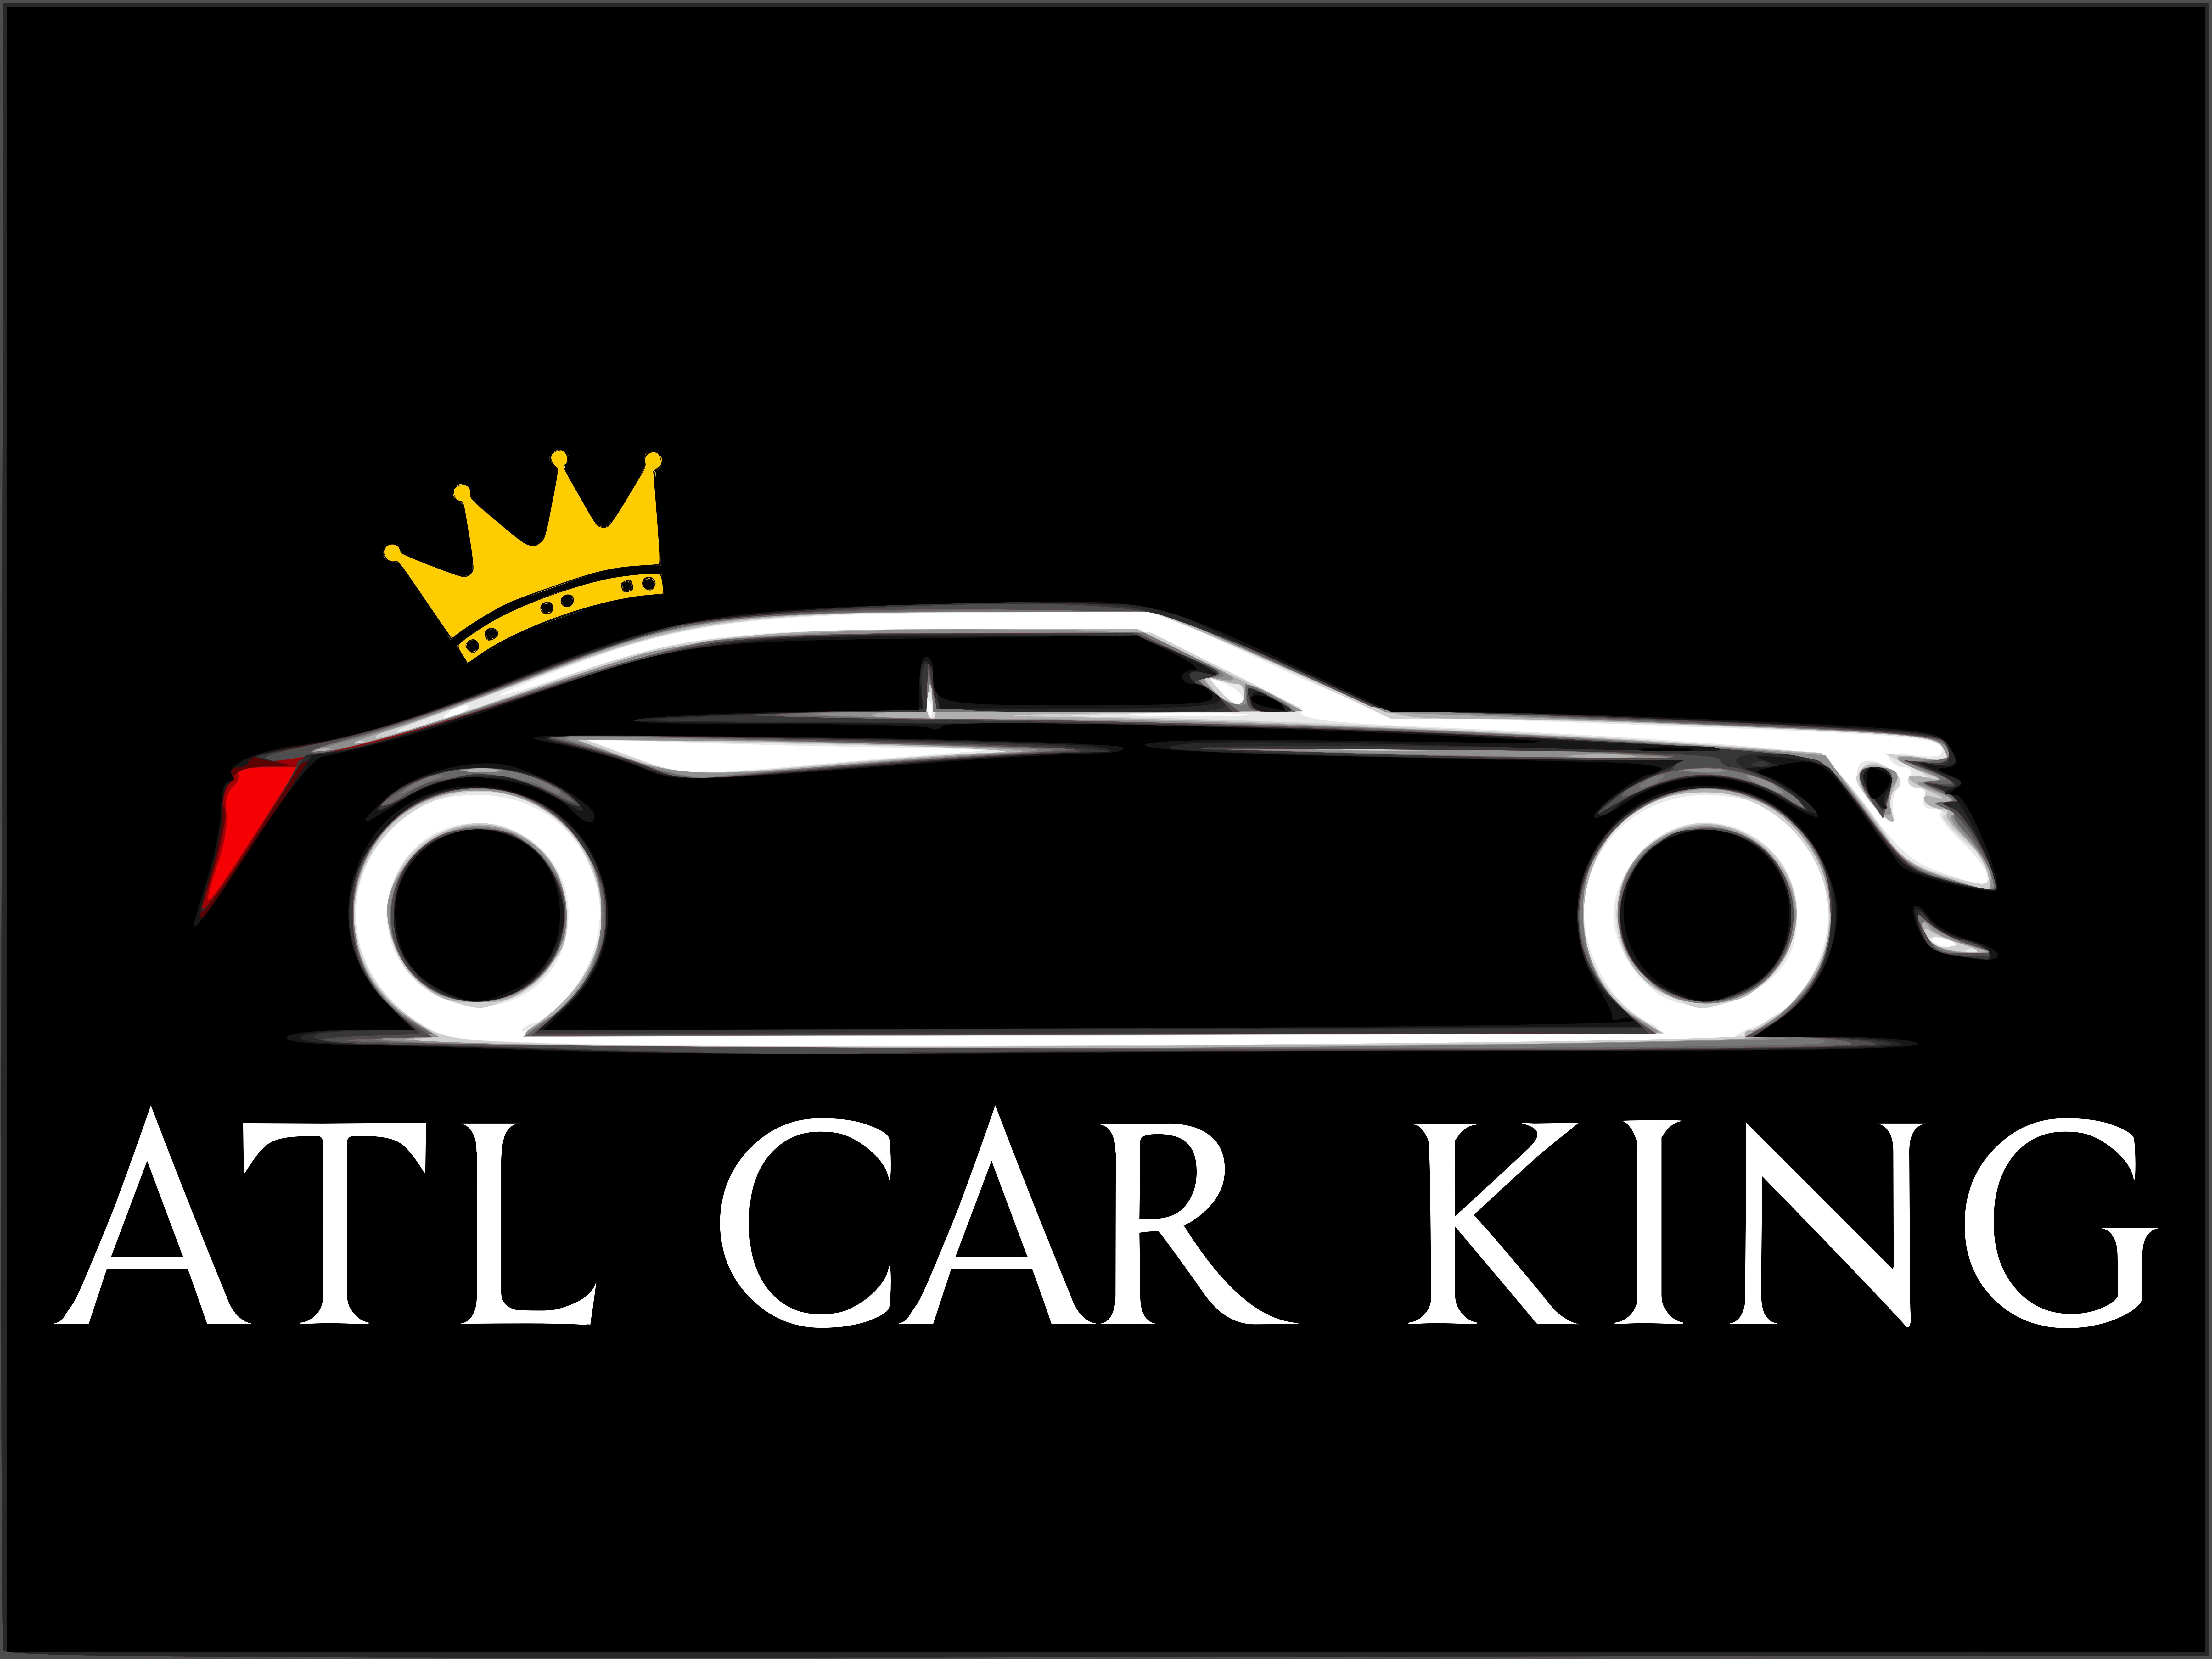 ATL CAR KING LOGO